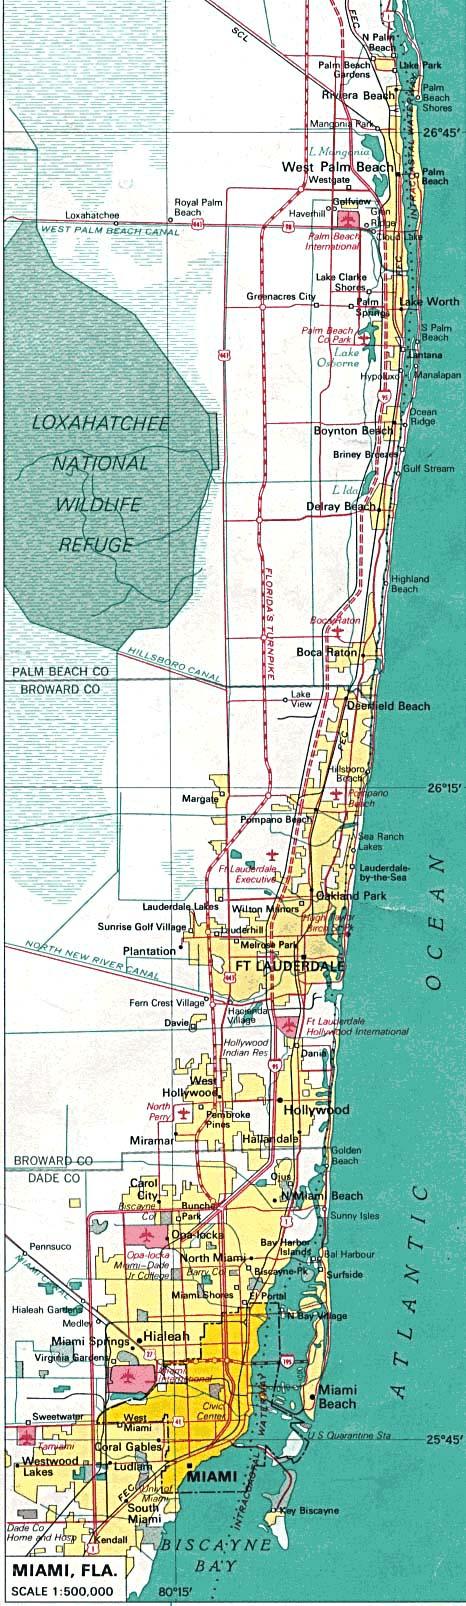 Mapa de la Ciudad de Miami, Florida, Estados Unidos